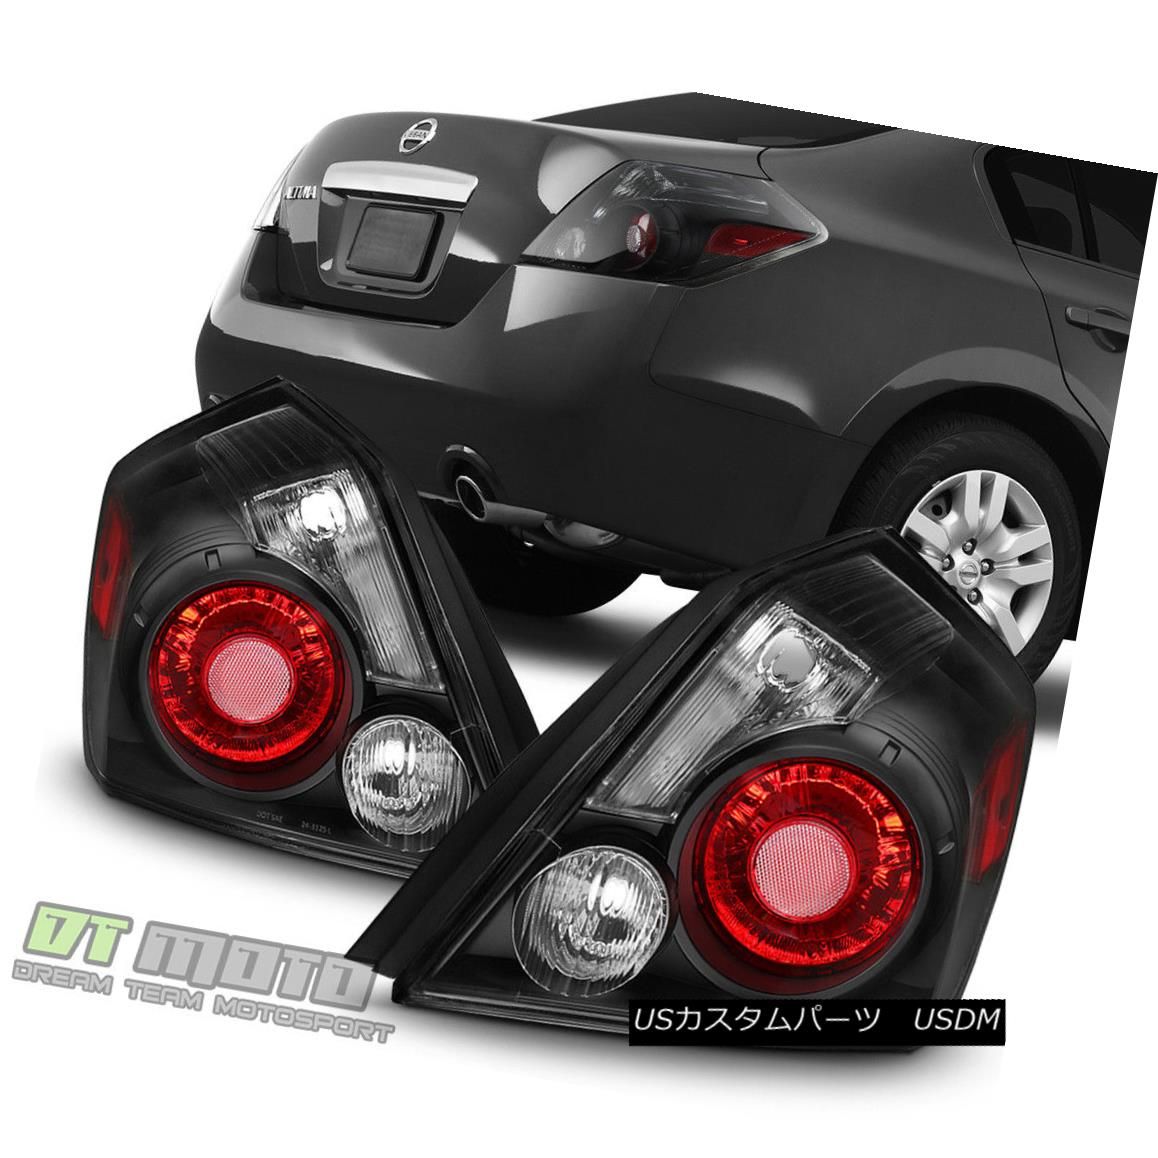 テールライト Black Housing w/Smoke Signal Lens For 2007-2012 Altima Sedan Tail Lights Lamps 2007年から2012年までの煙信号レンズを備えた黒い住宅Altima Sedan Tail Lights Lamps